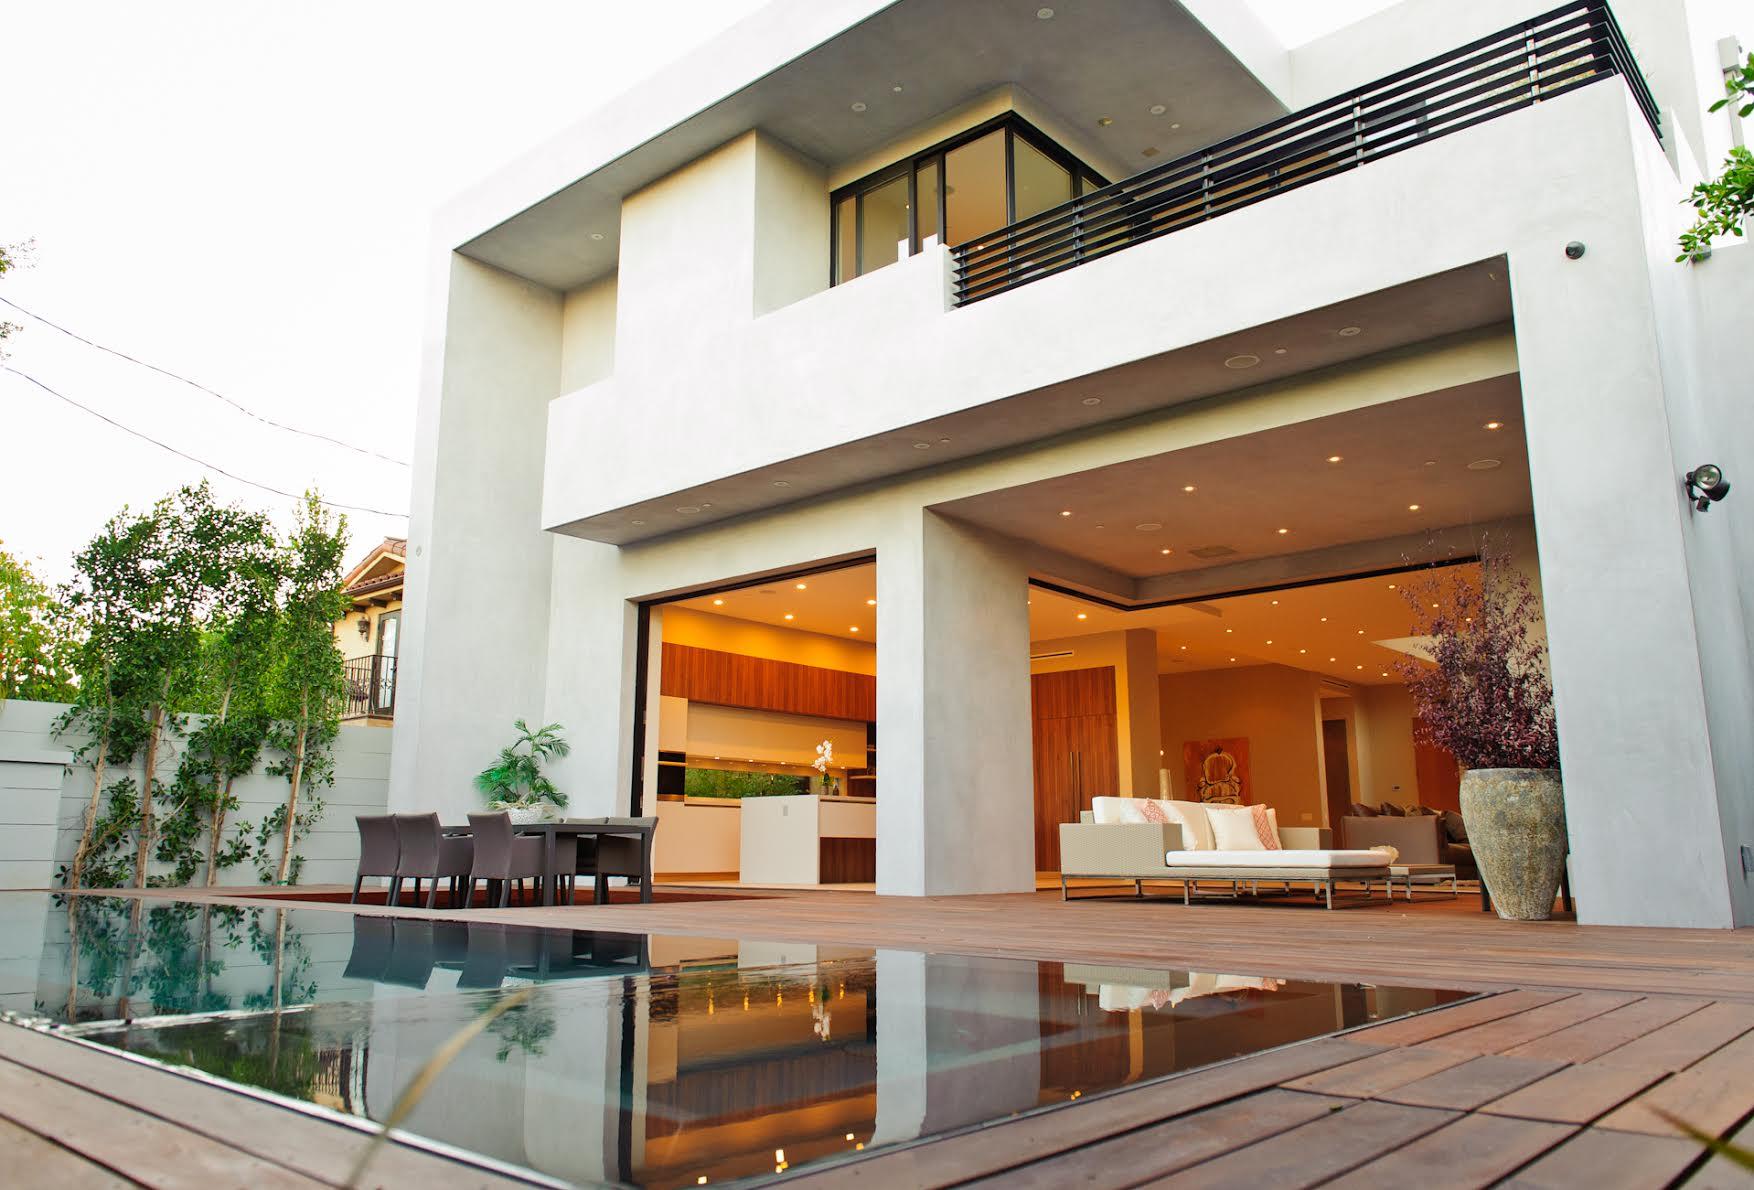 หลังบ้านมีพื้นที่กว้าง พร้อมสระว่ายน้ำขนาดใหญ่ เชื่อมต่อกับมุมนั่งเล่น